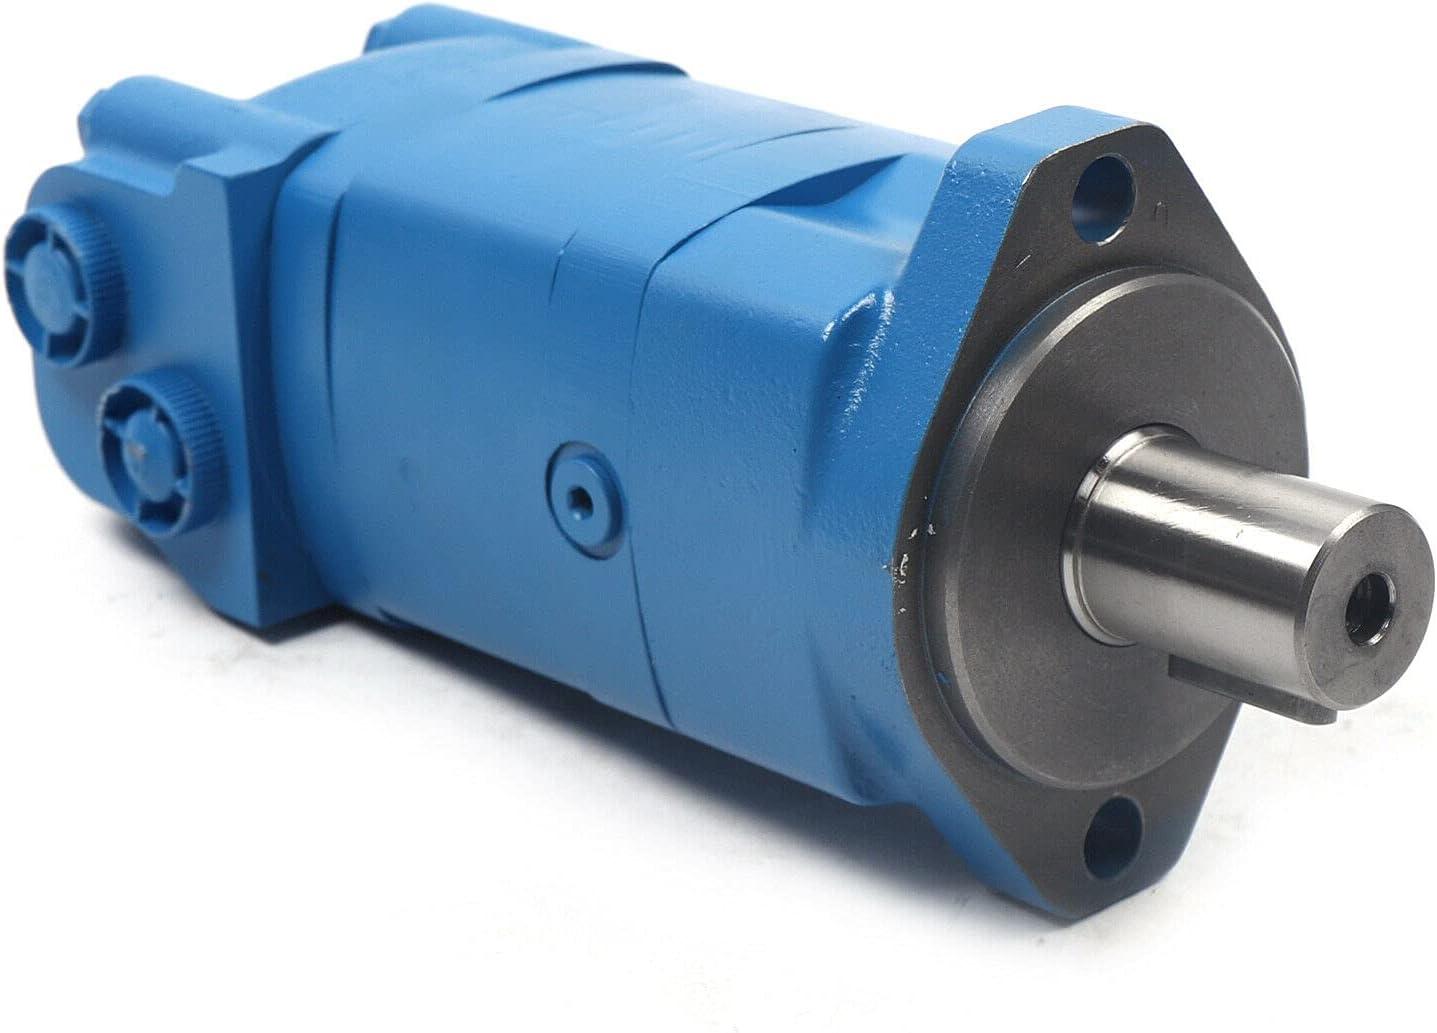 LOYALHEARTDY Hydraulic Motor for Eaton 104-1028-006 Char-Lynn Max 65% OFF National uniform free shipping 10